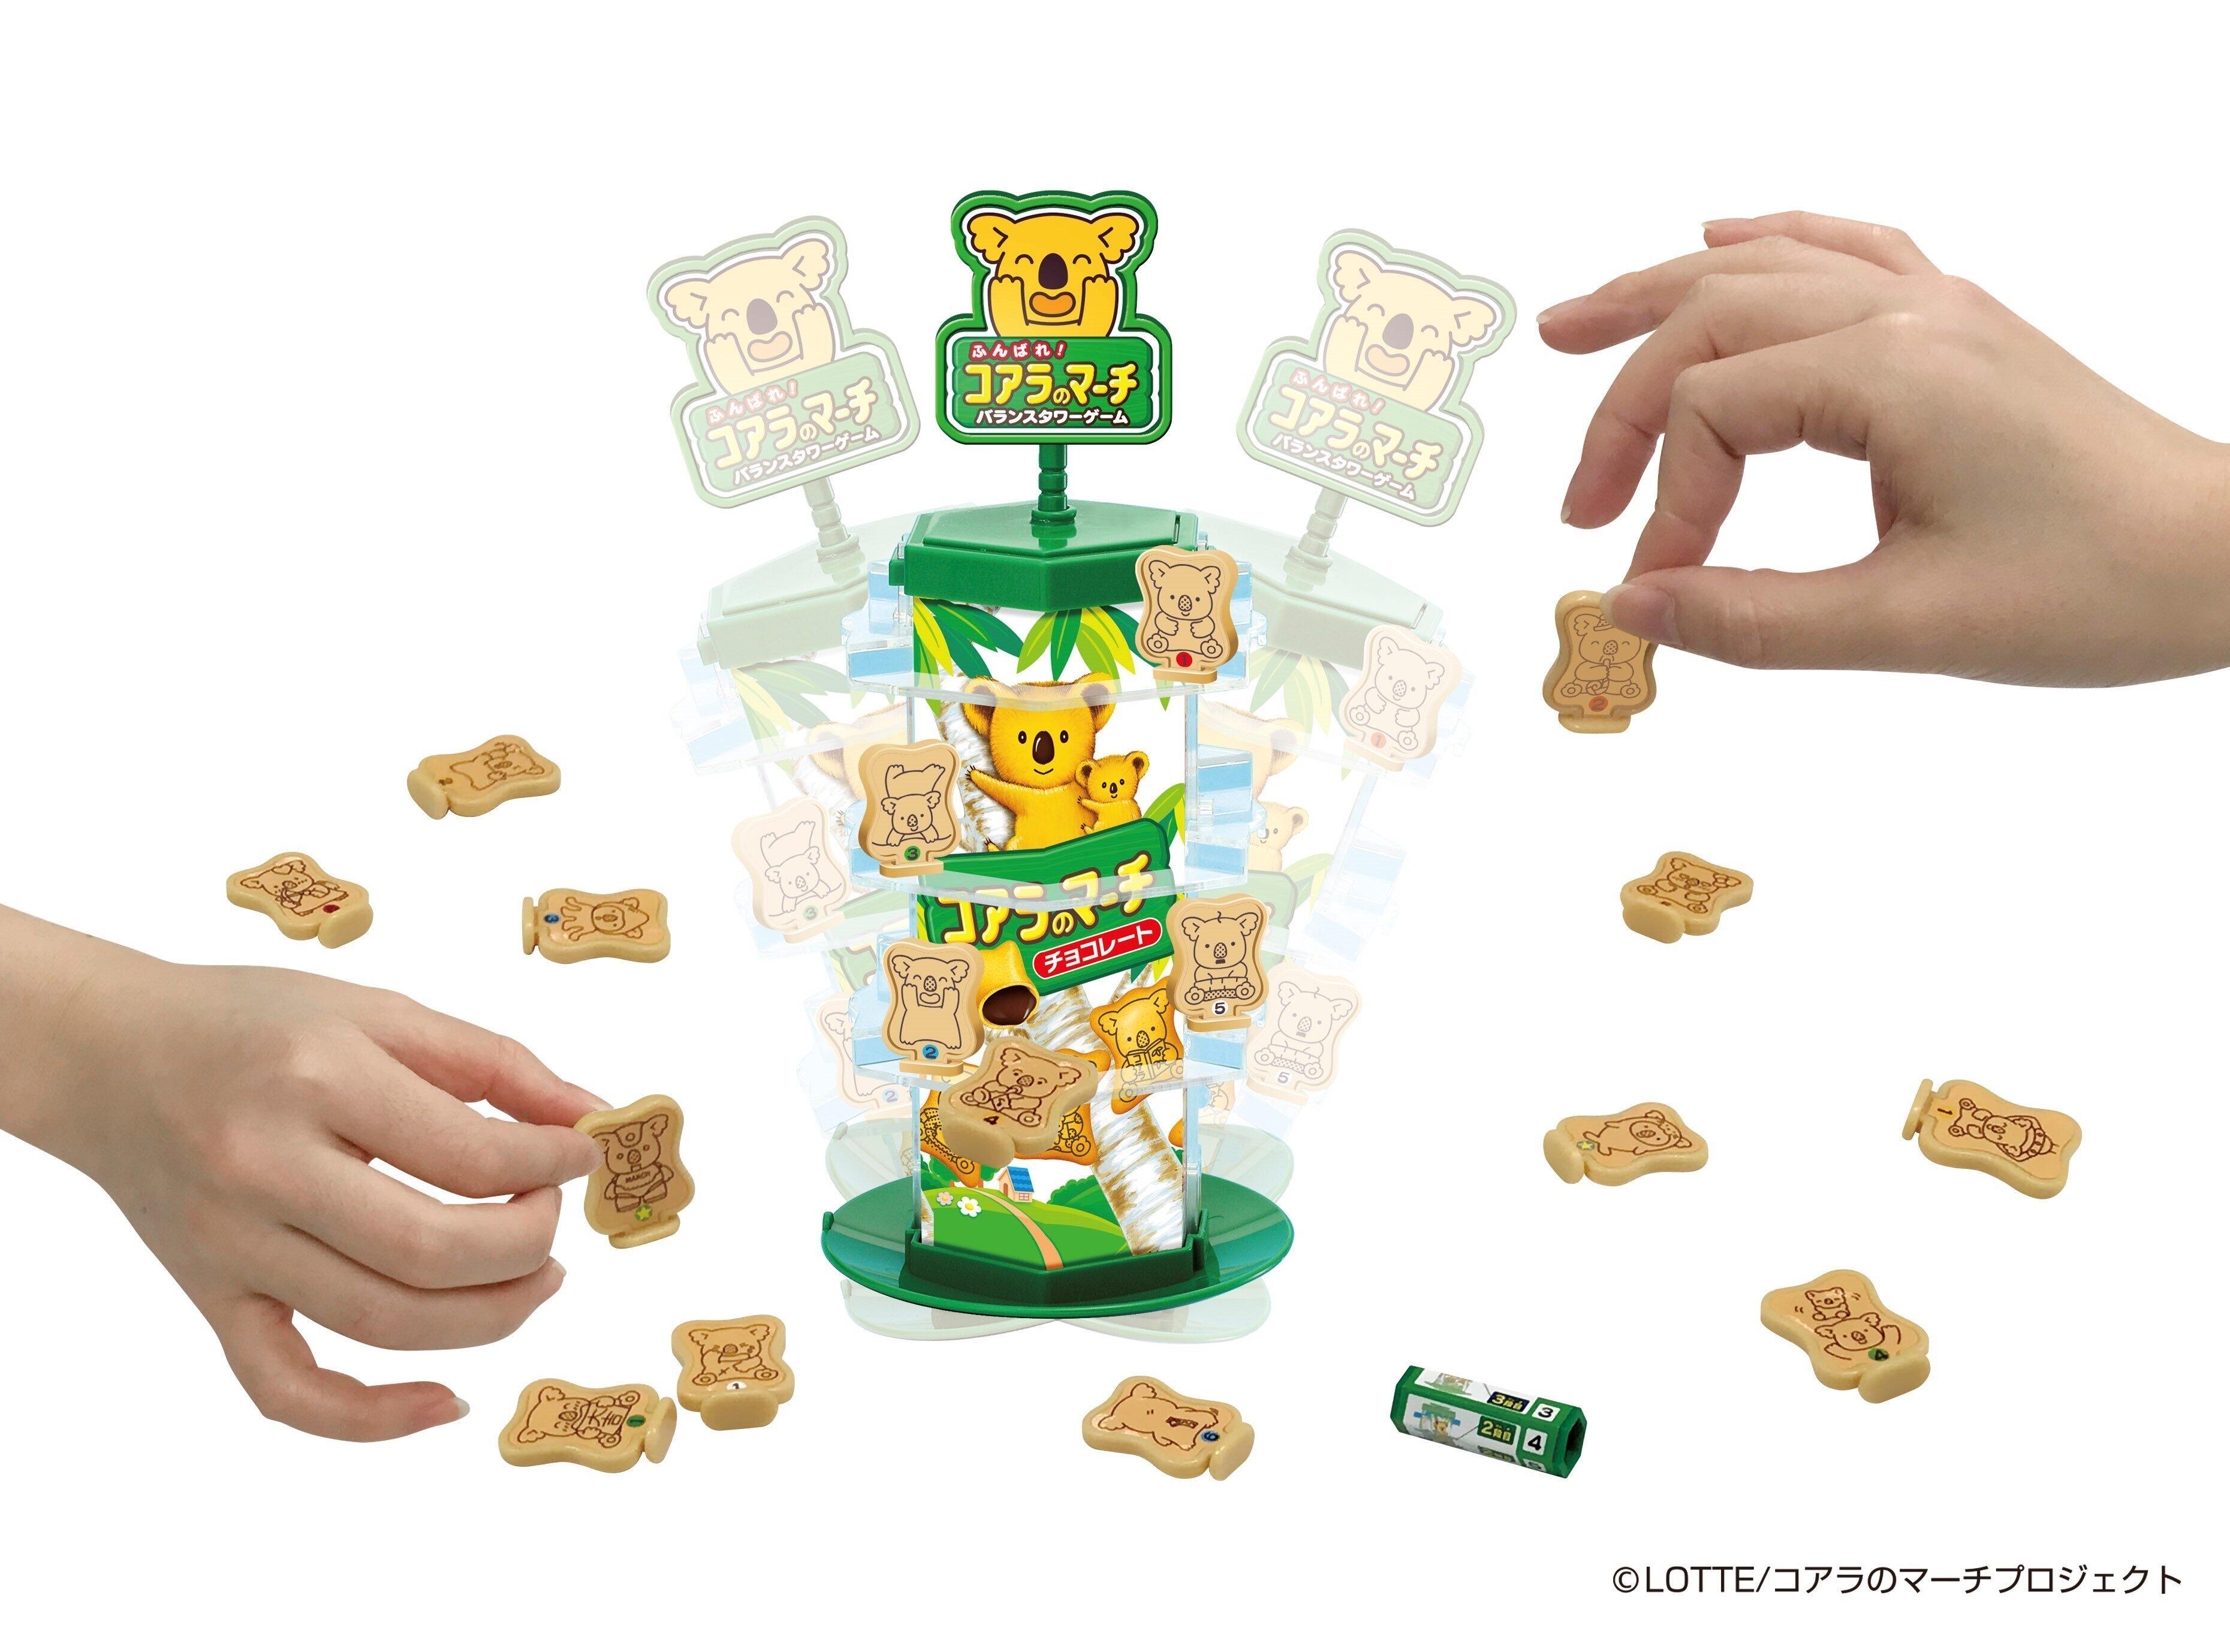 ロッテ「コアラのマーチ」コマをタワーに乗せて楽しめるバランスゲーム